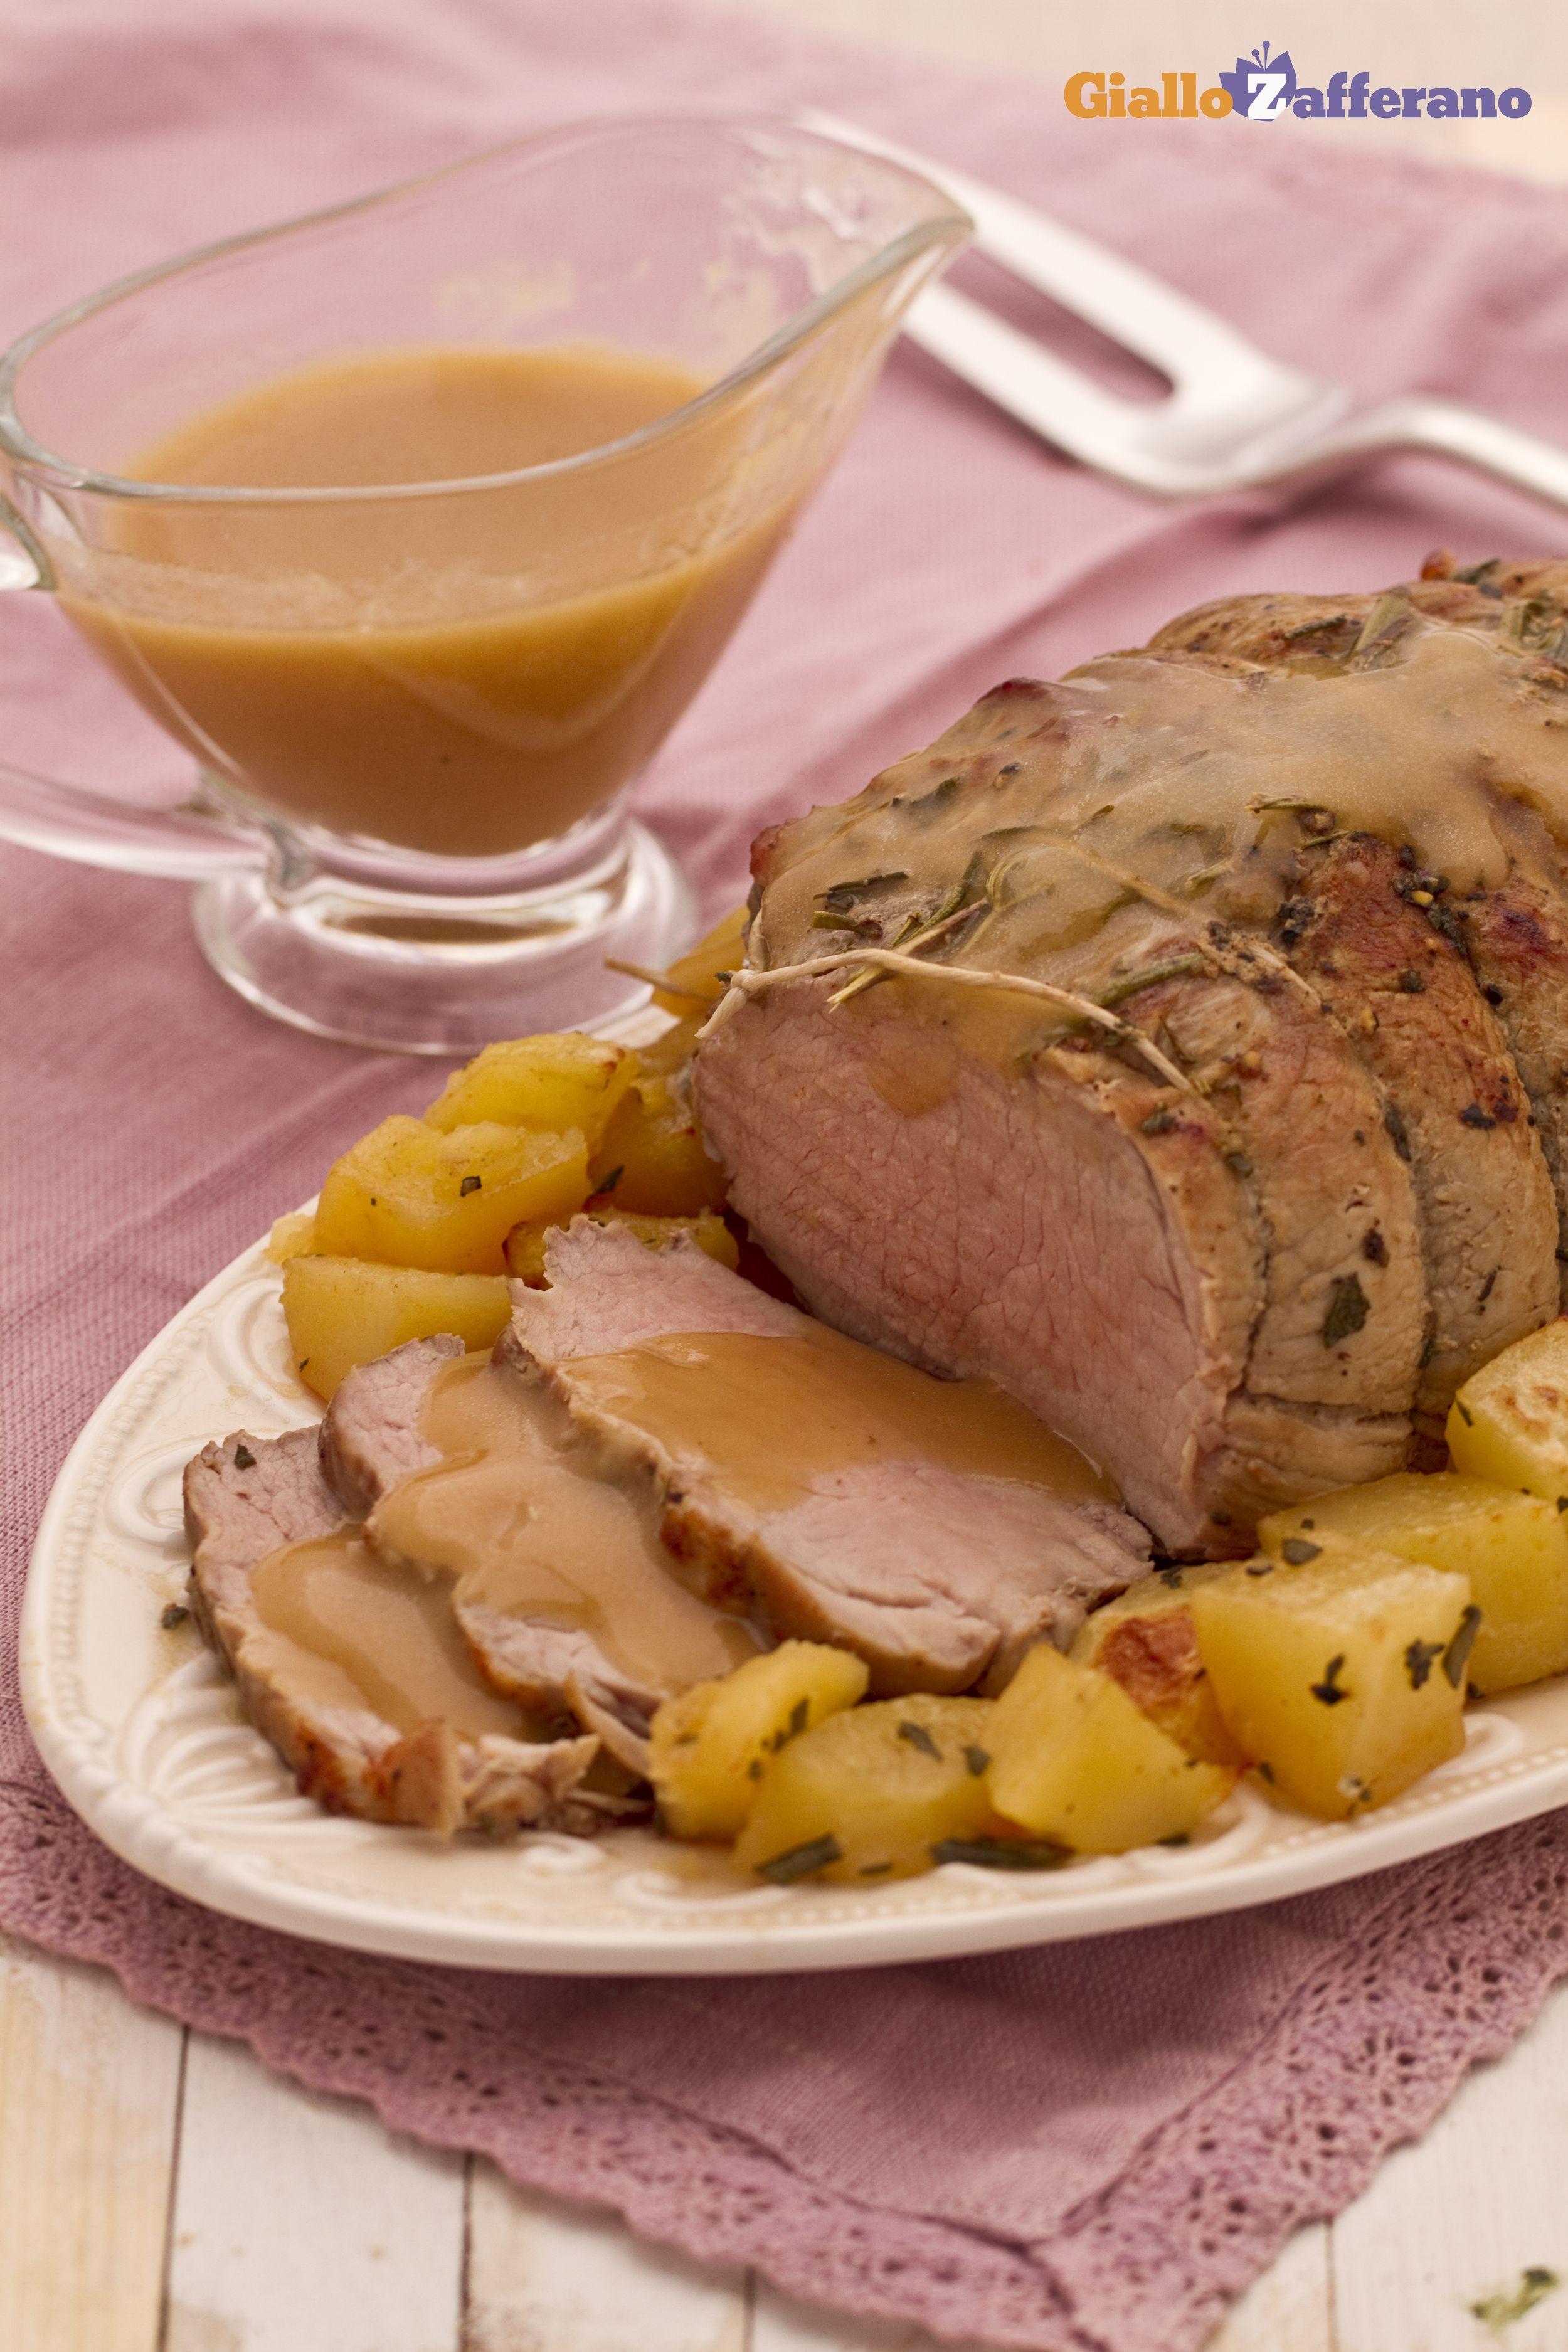 Arrosto di vitello al forno con patate -  Roast veal with potatoes